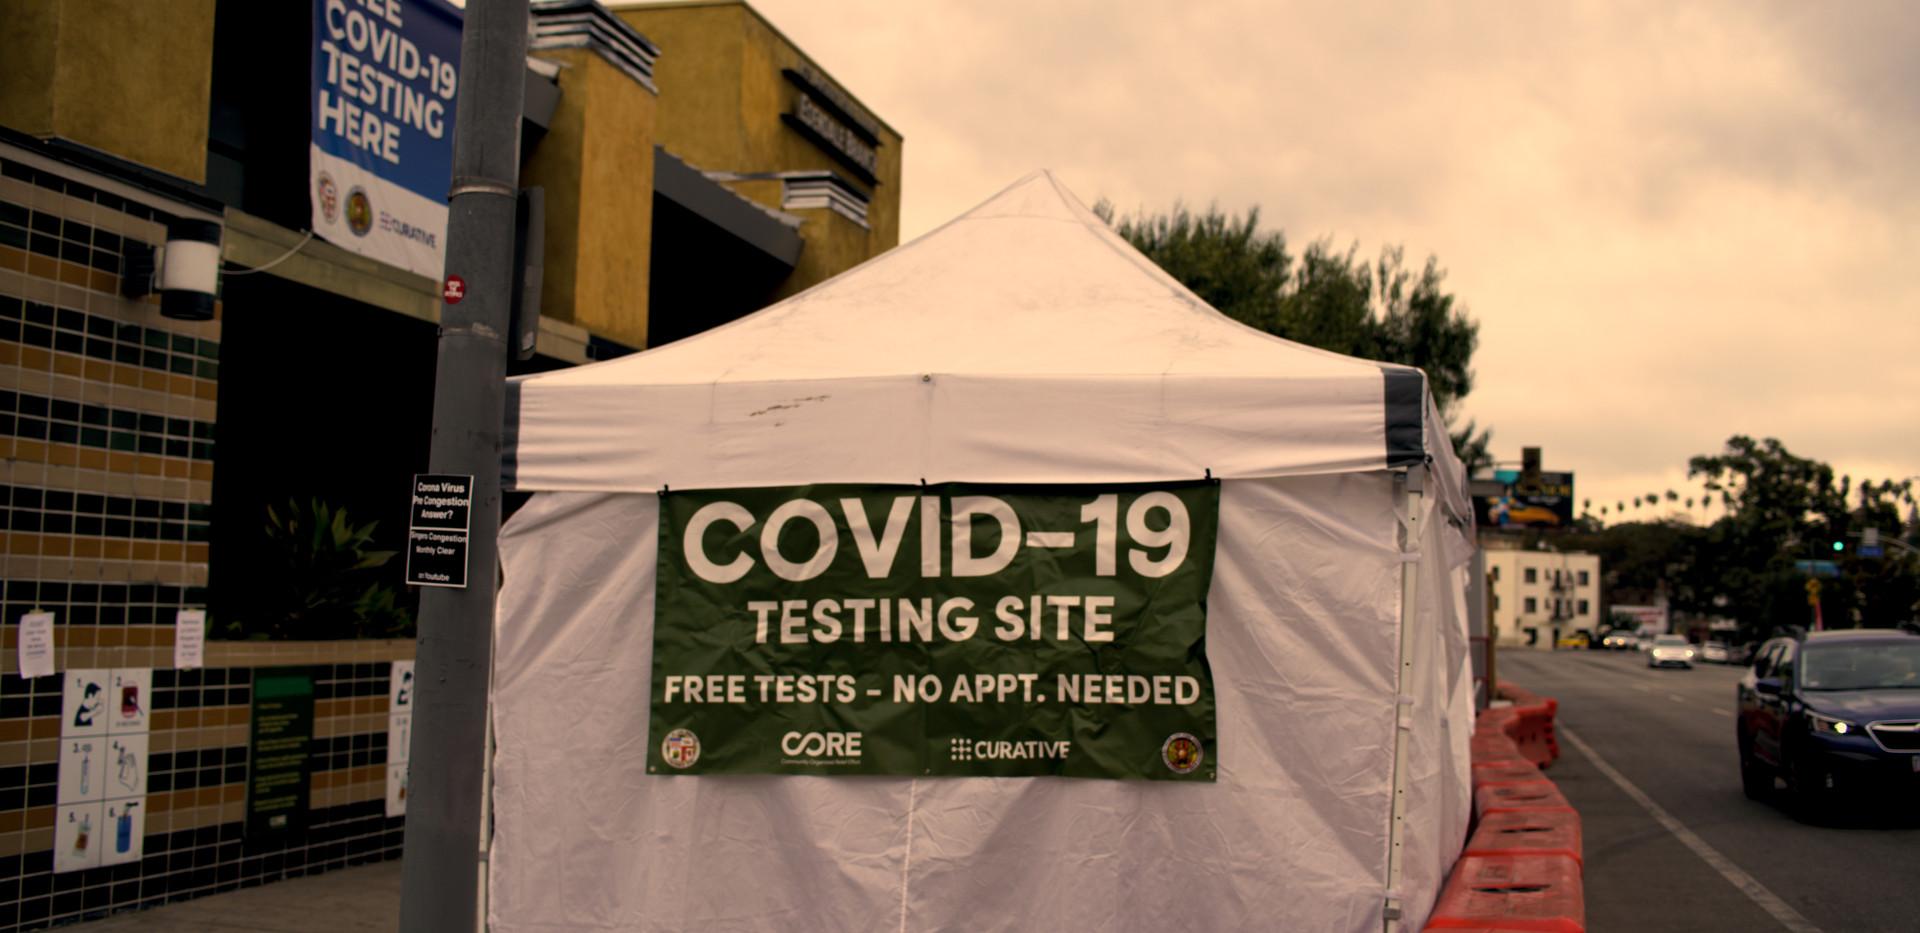 Covid Test Tent_1.jpg